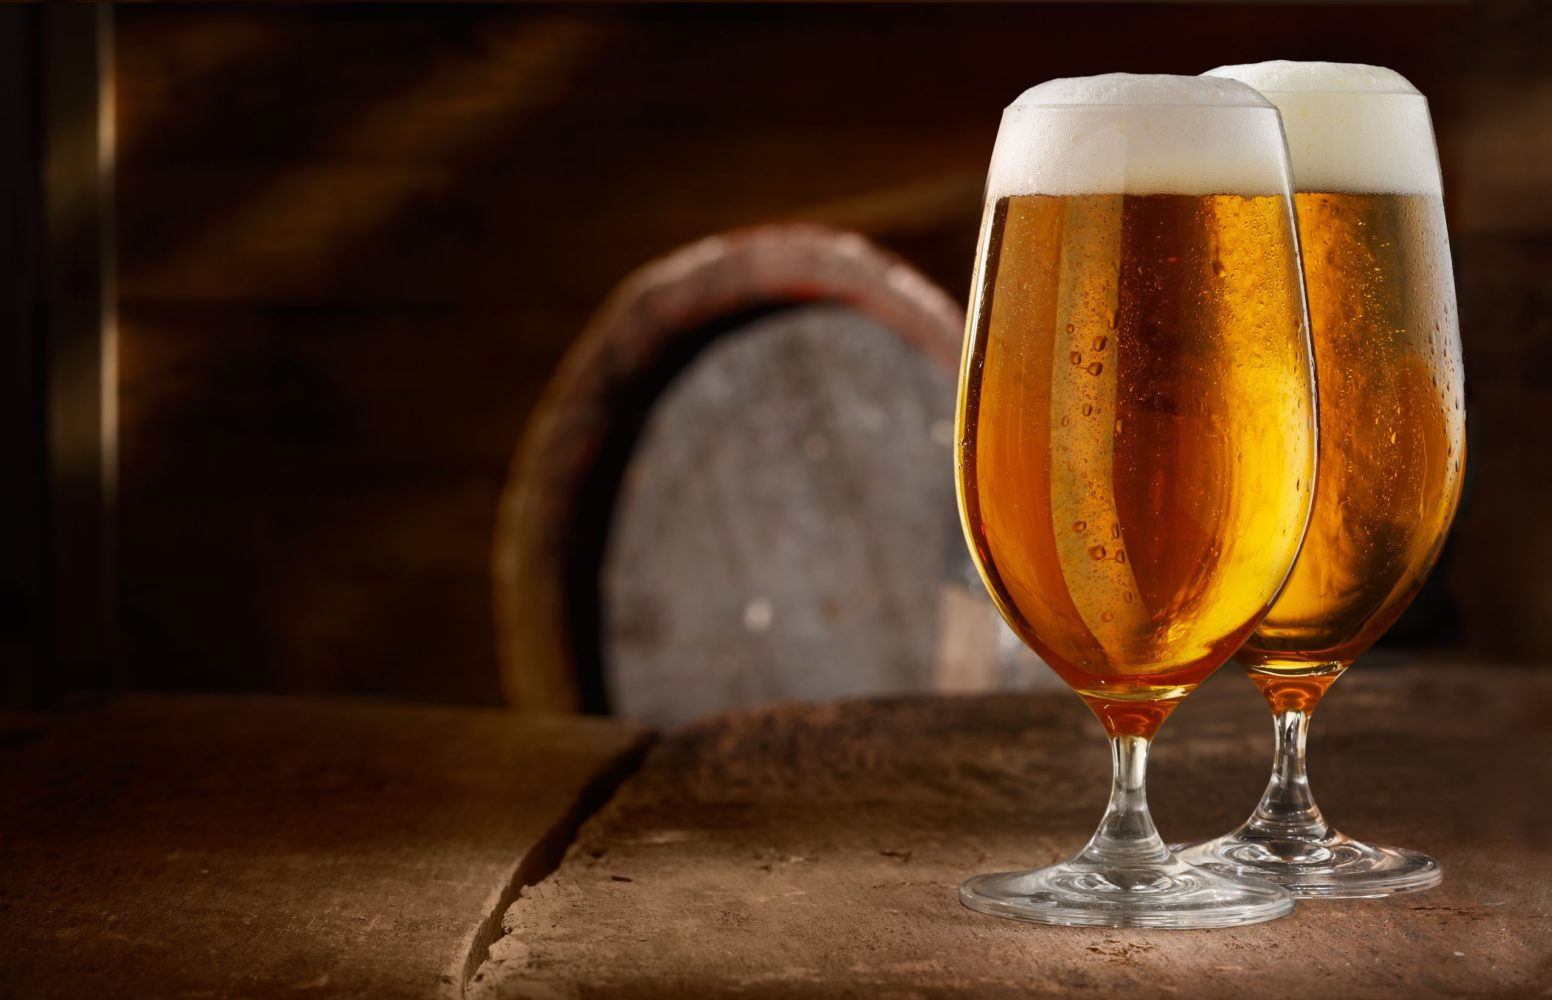 Bier aus China: Die Hafenstadt Qingdao beheimatet Chinas zweitgrößte Brauerei, die Tsingtao Brewery Co., Ltd